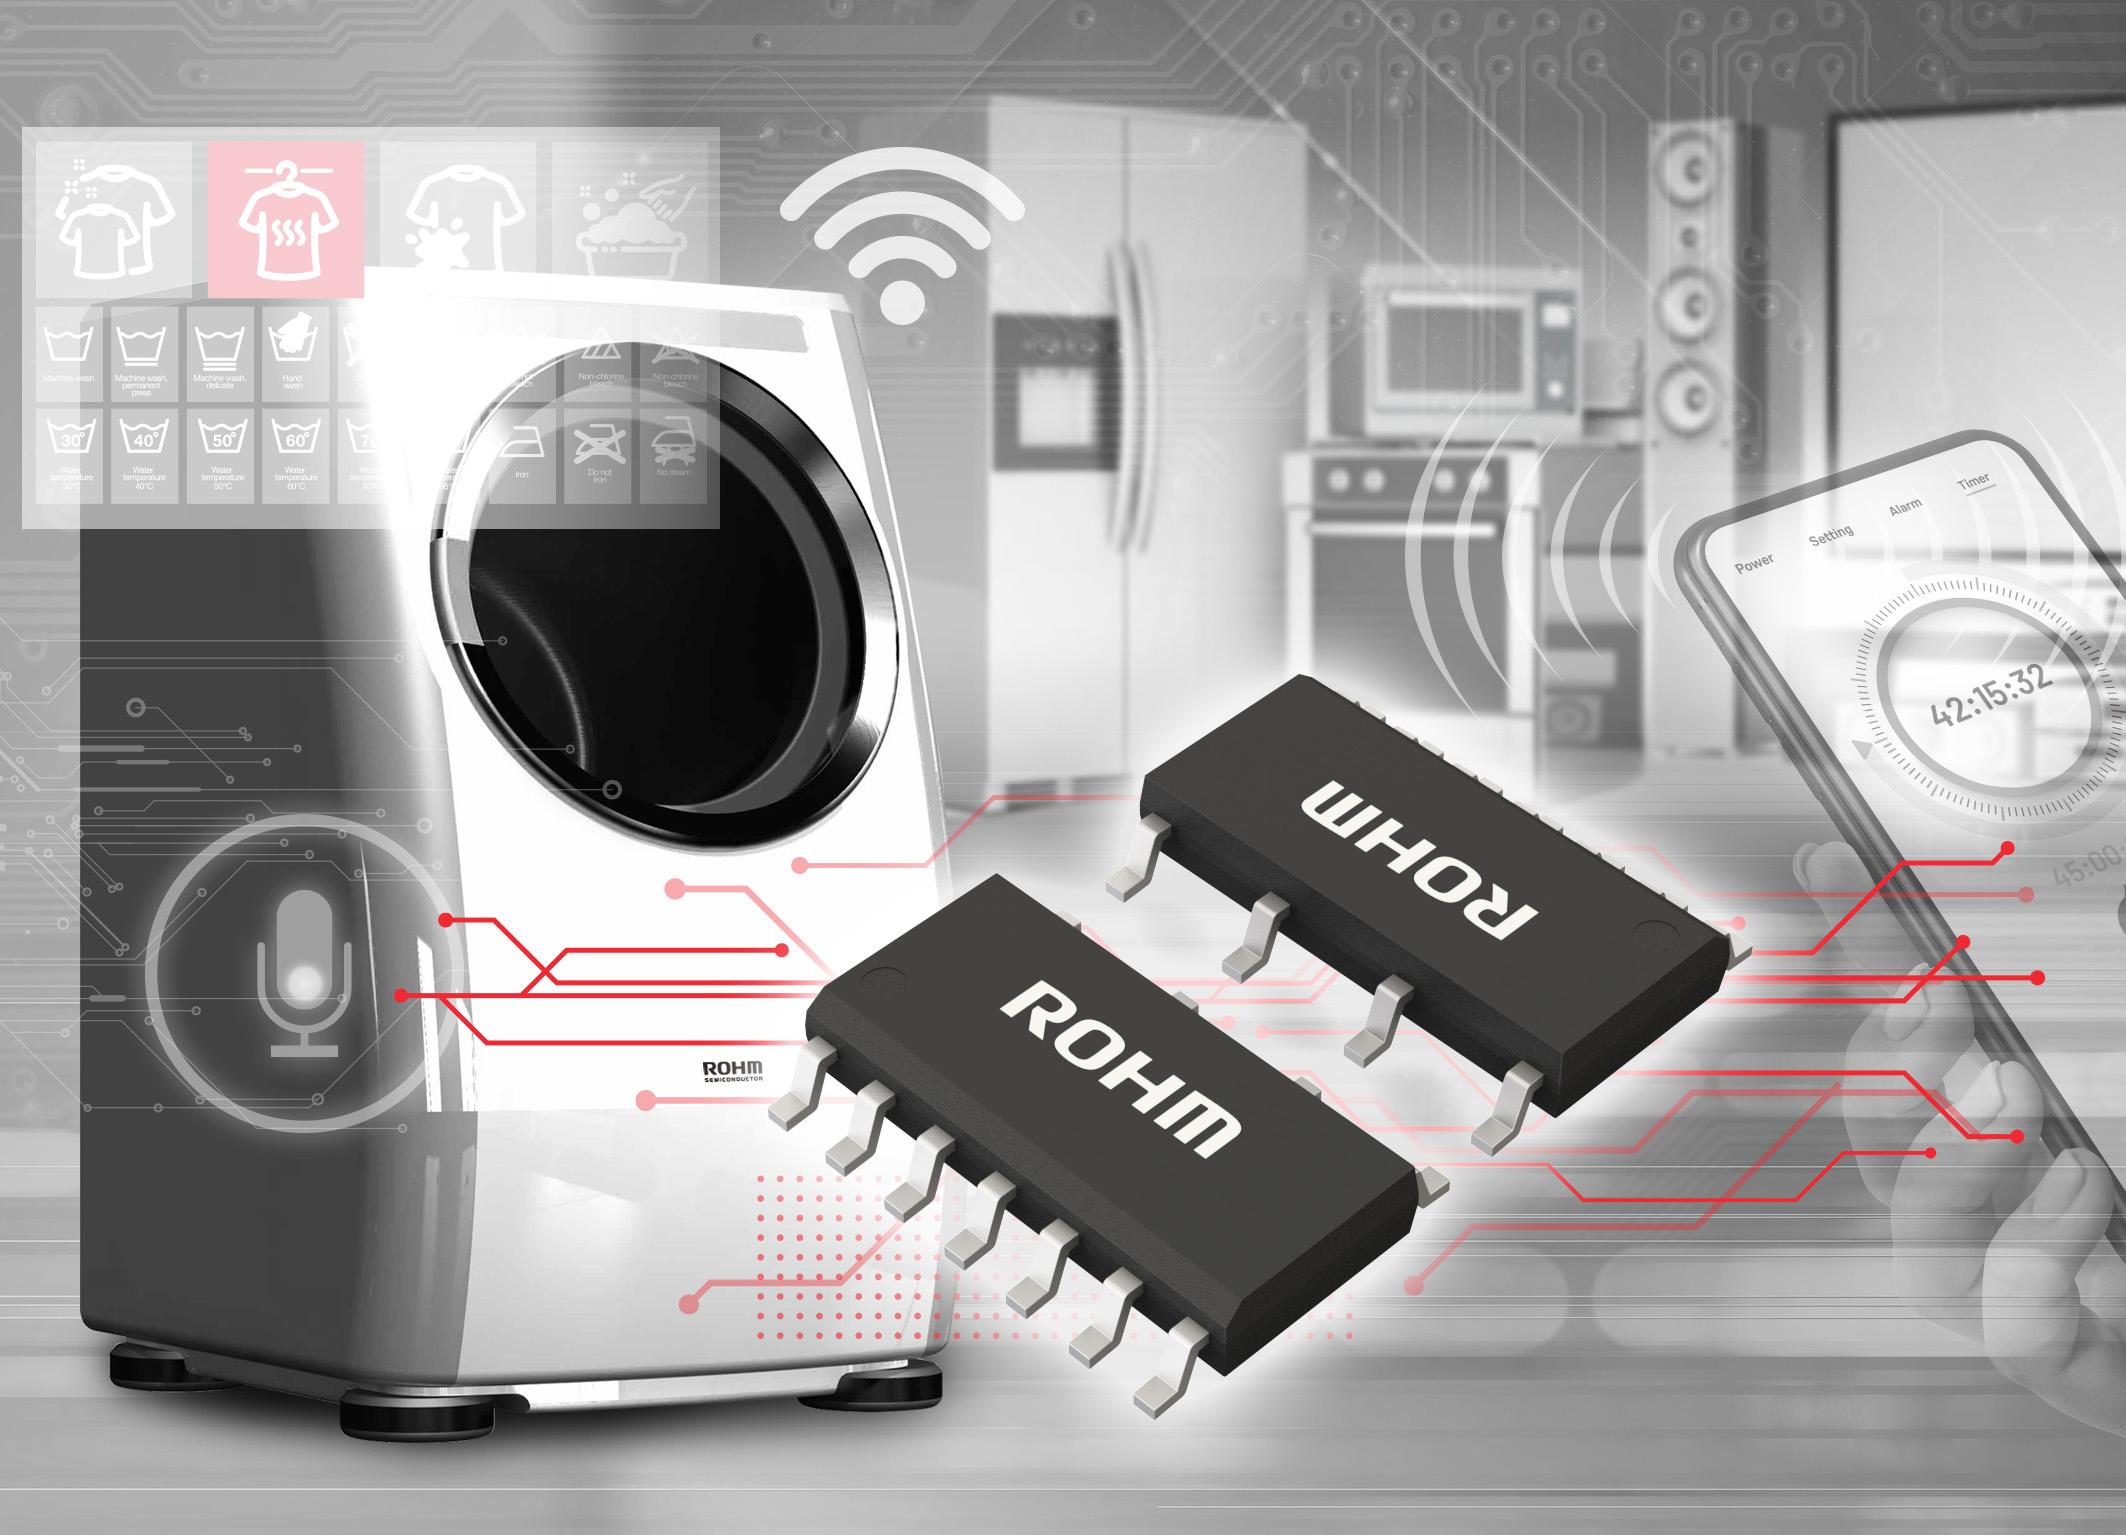 Circuiti integrati per rilevazione di zero crossing per apparecchi domestici